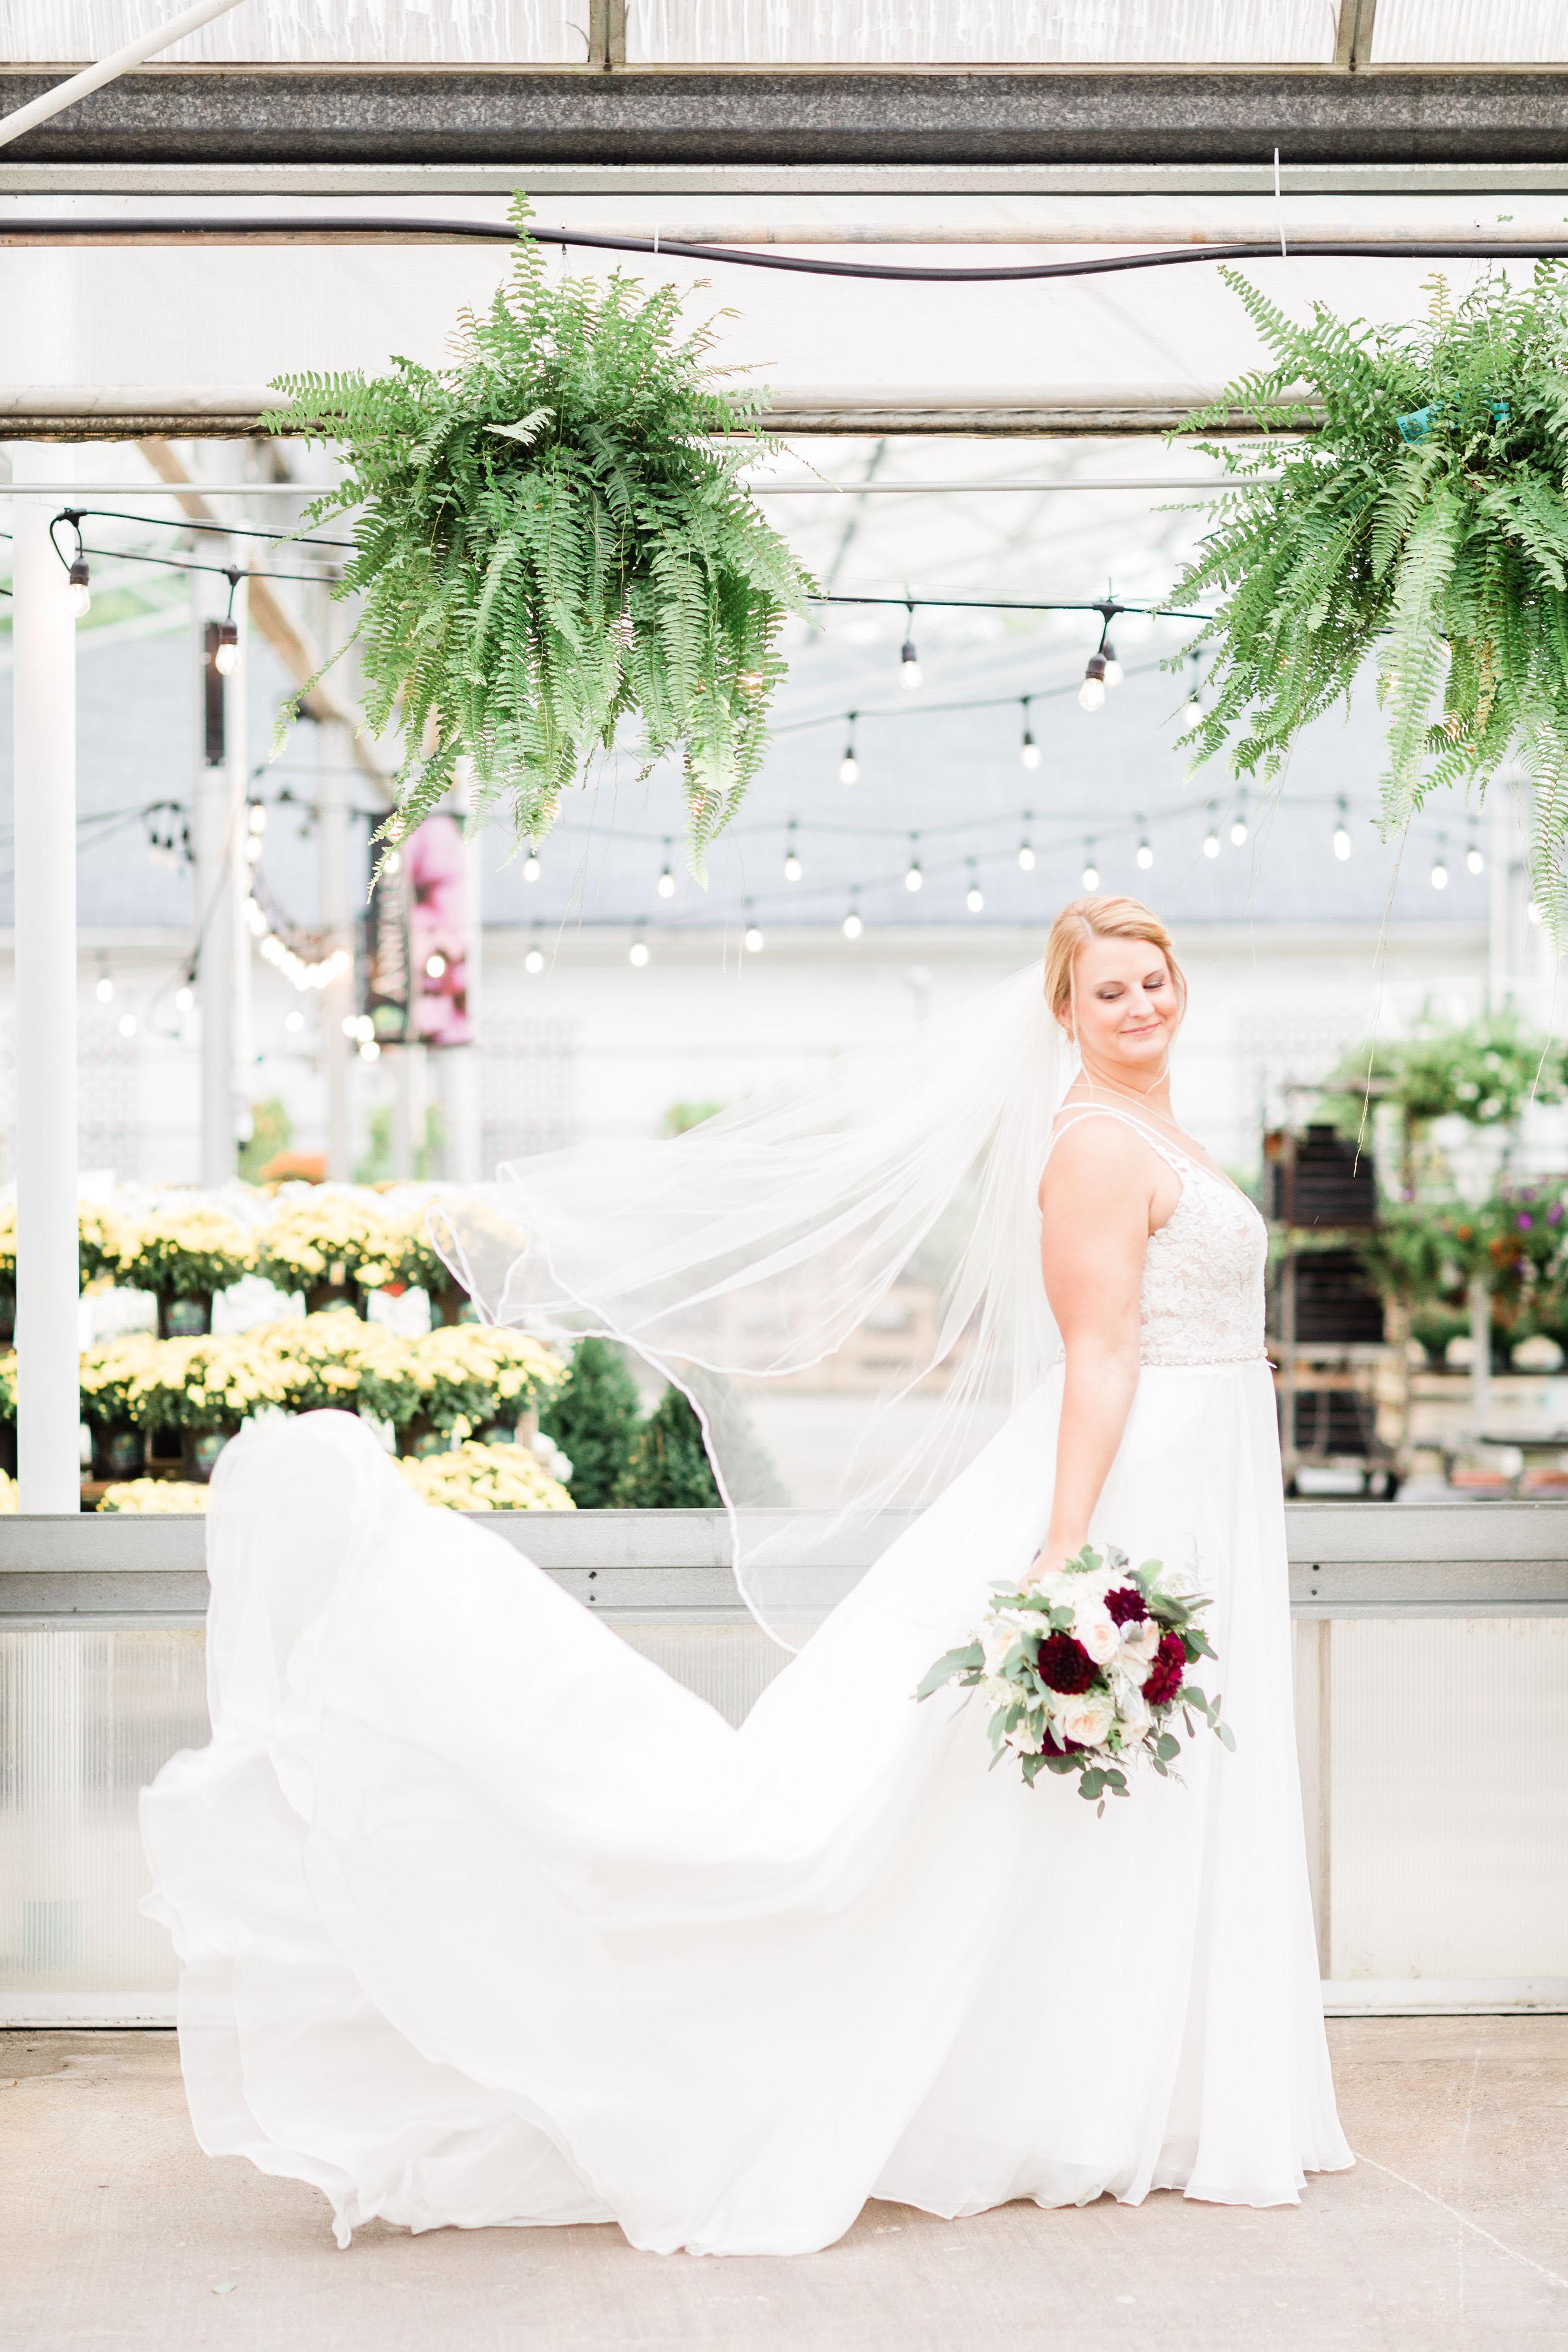 wedding photographers in cincinnati ohio-2.jpg